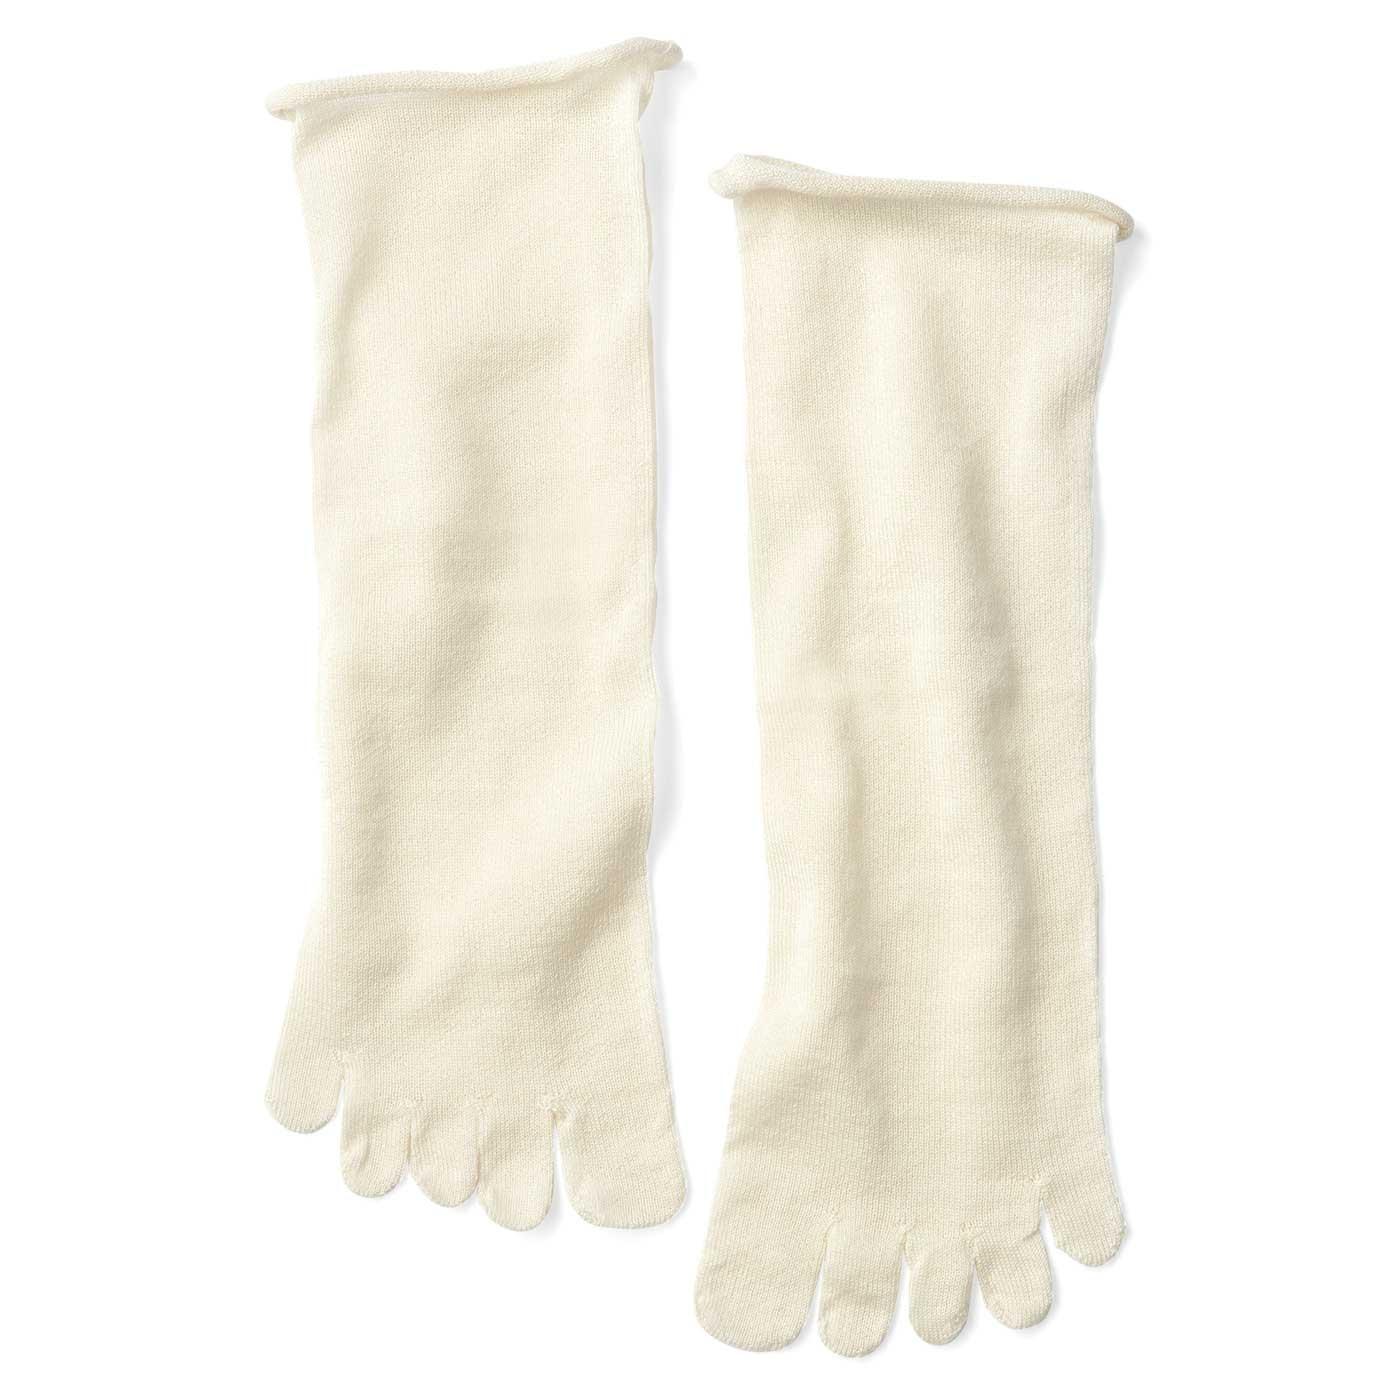 「重ねばき靴下スターターキット(Z17508)」の1足目と同じだから、洗い替えにも。